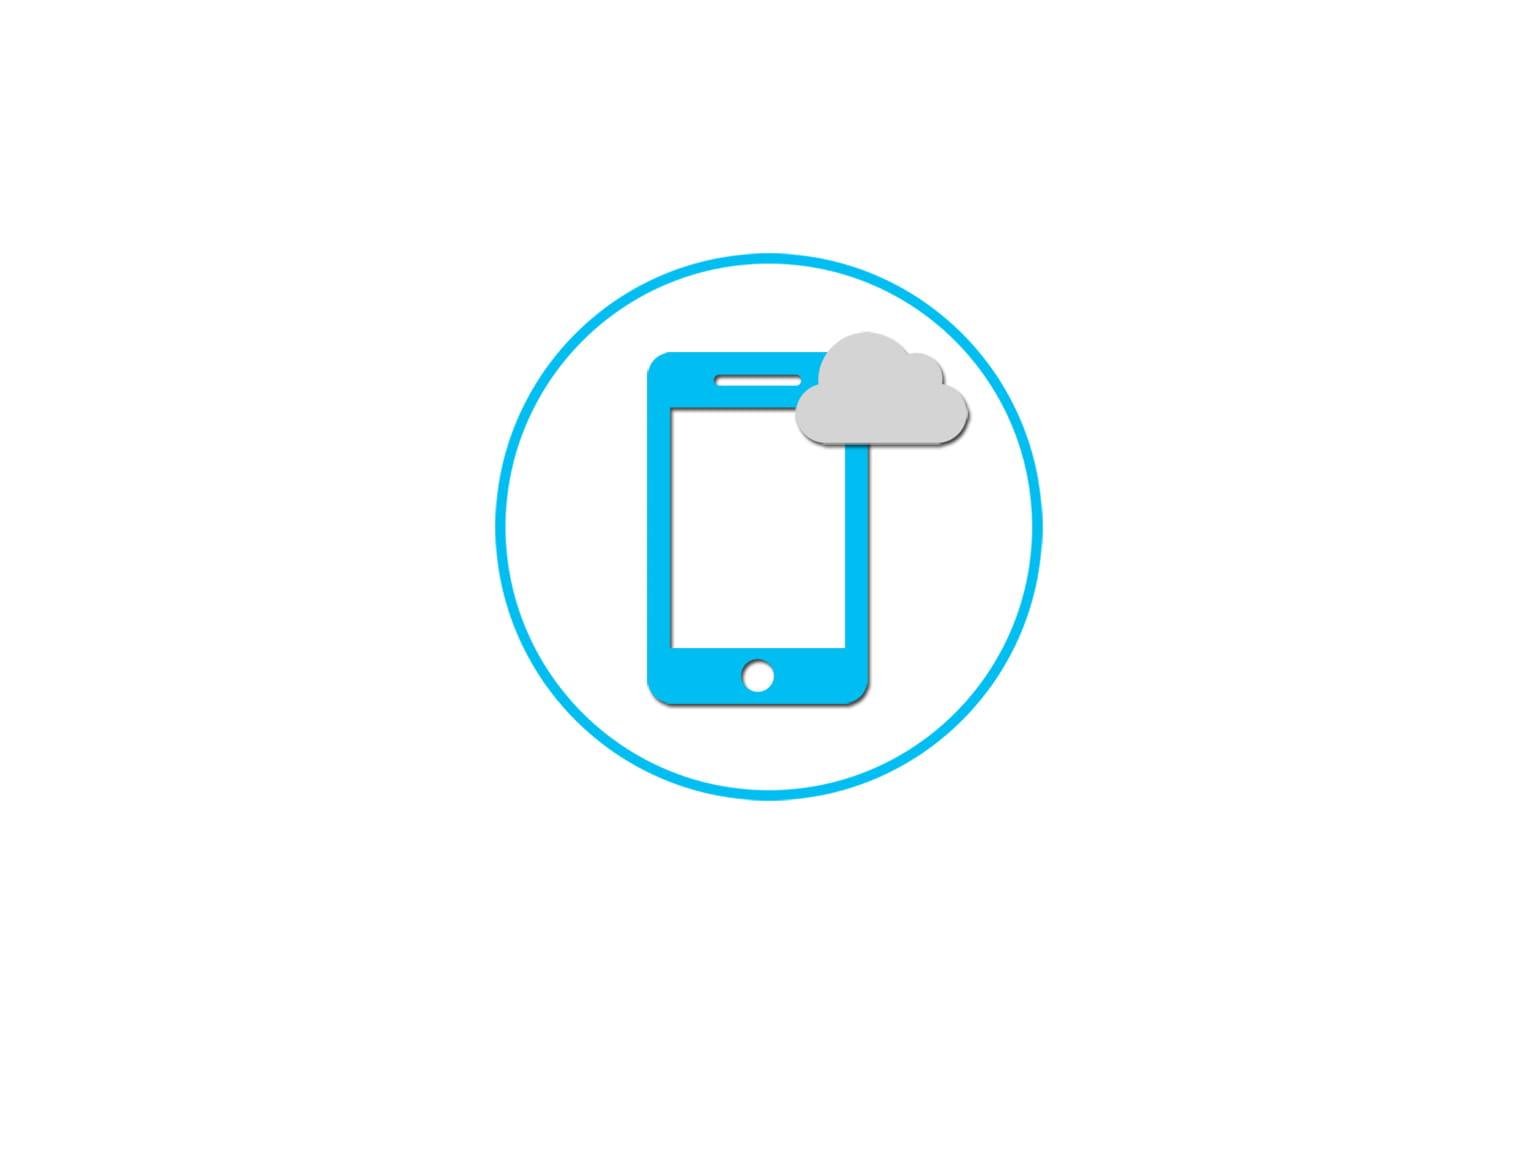 Mobilie un mākoņpakalpojumi ikona